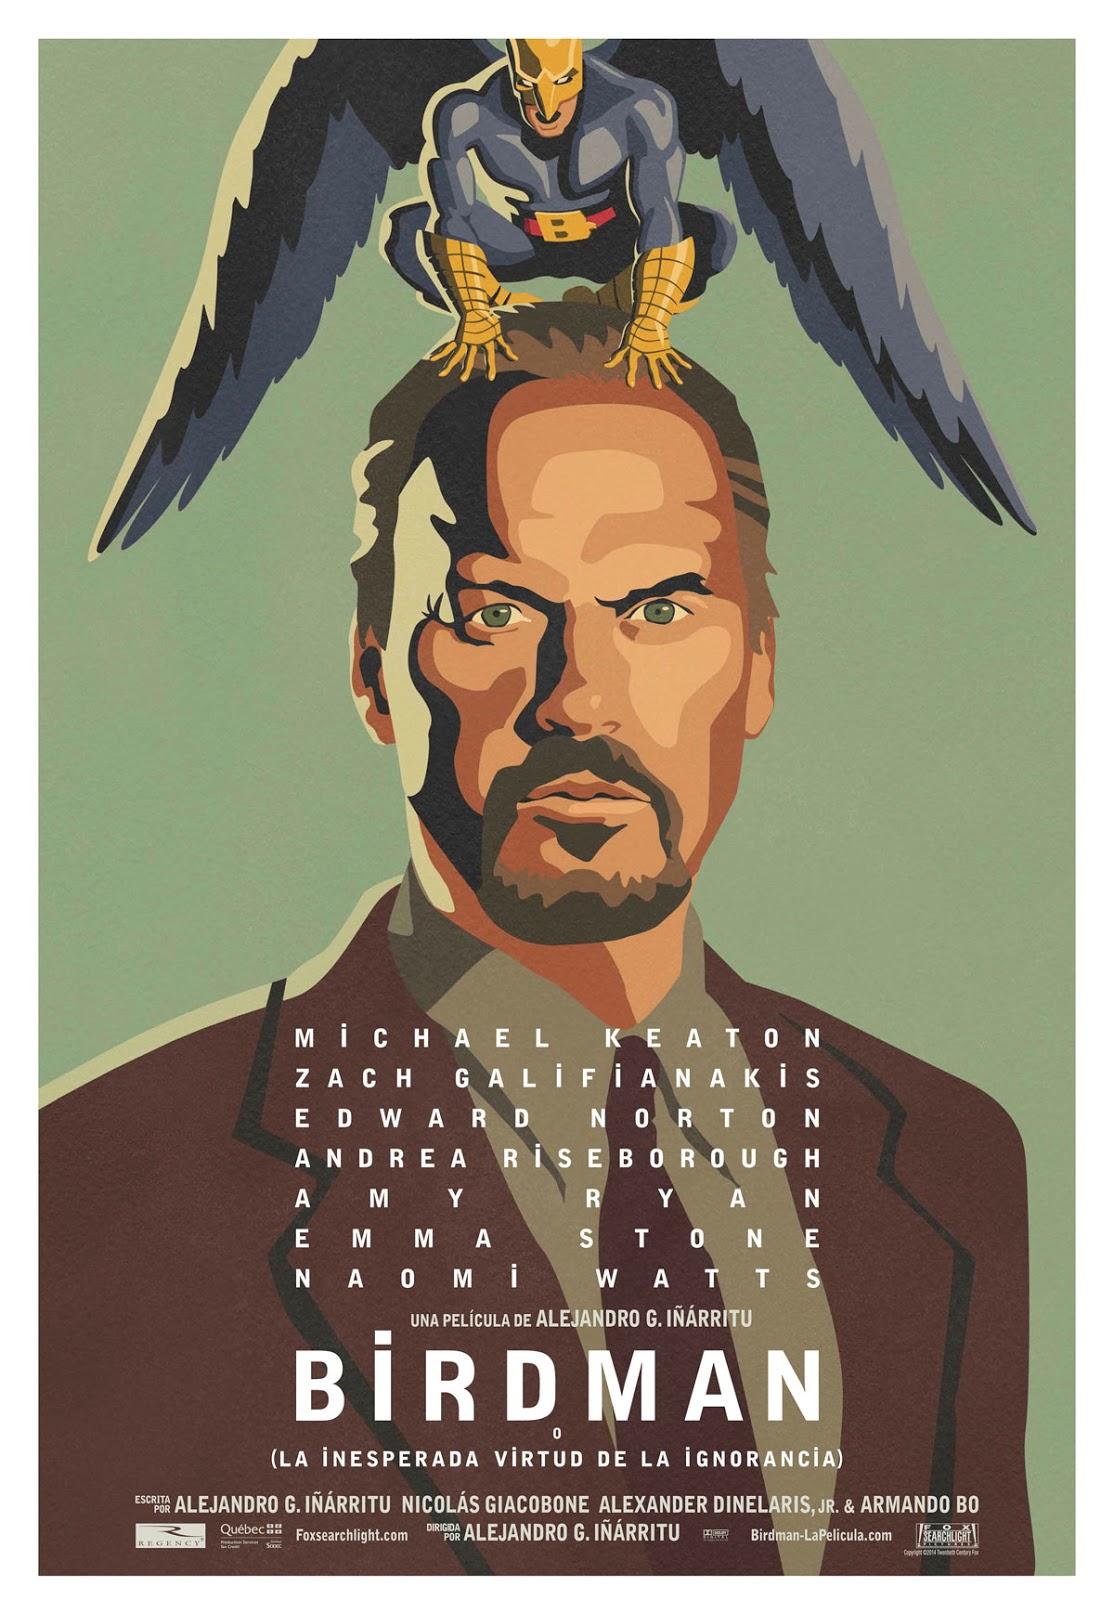 Birdman, o la inesperada virtud de la ignorancia, Alejandro González Iñárritu. Con Michael Keaton, Emma Stone, Edward Norton, Zach Galifianakis, Naomi Watts